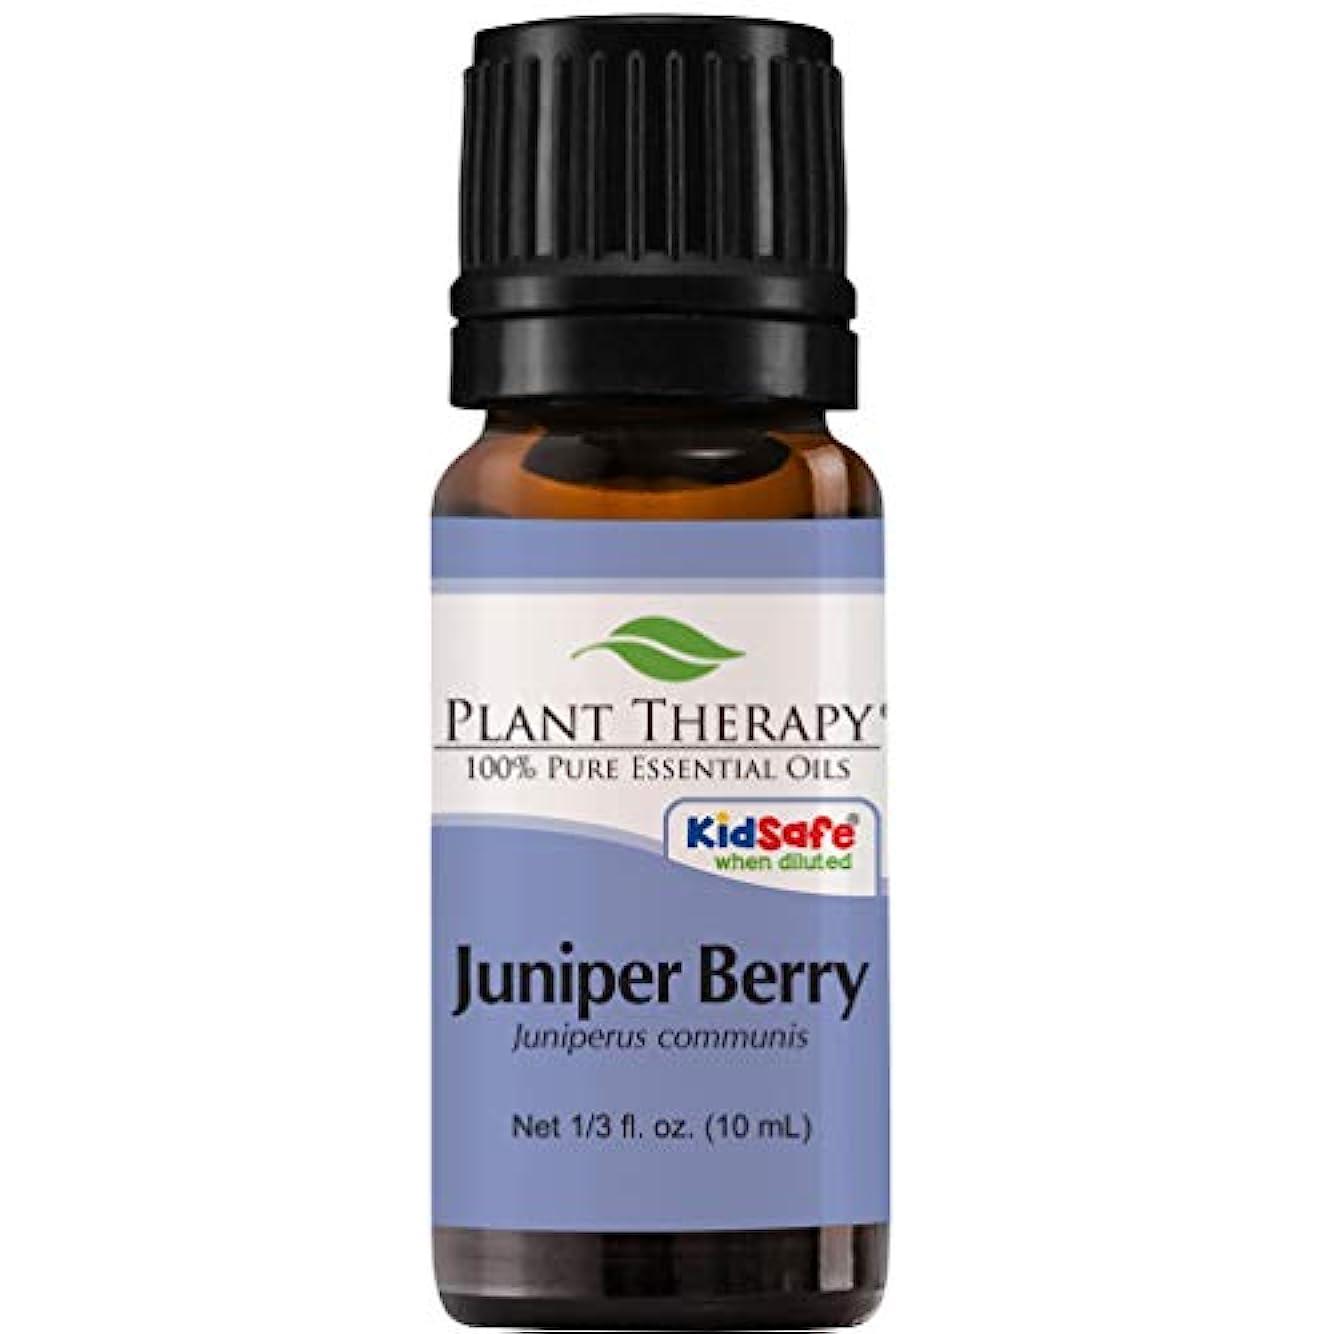 提案上ステージPlant Therapy Juniper Berry Essential Oil. 100% Pure, Undiluted, Therapeutic Grade. 10 ml (1/3 oz).